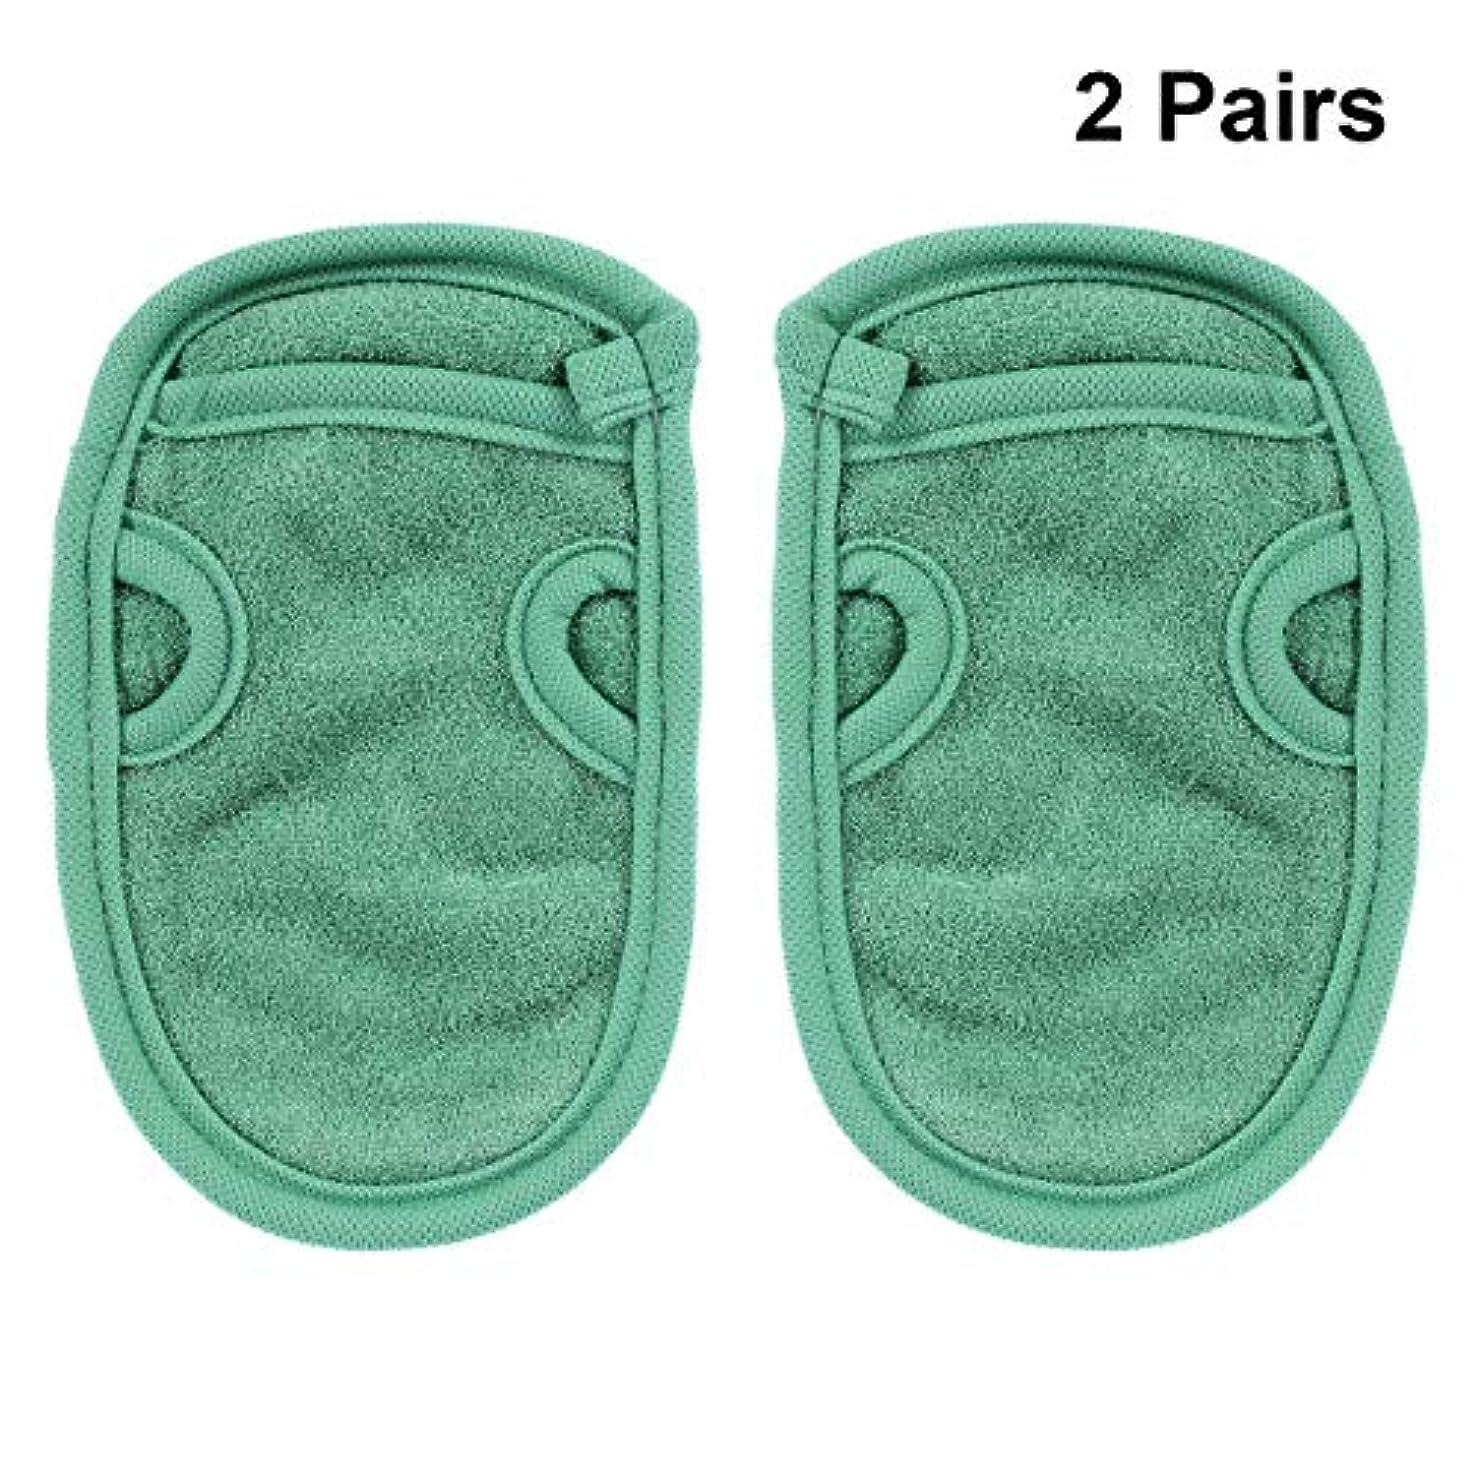 胃学校自明HEALIFTY 4本入浴手袋エクスフォリエイティンググローブスパグローブシャワーグローブフェイシャルグローブバスボディスクラブシャワーグローブボディスパ(グリーン)